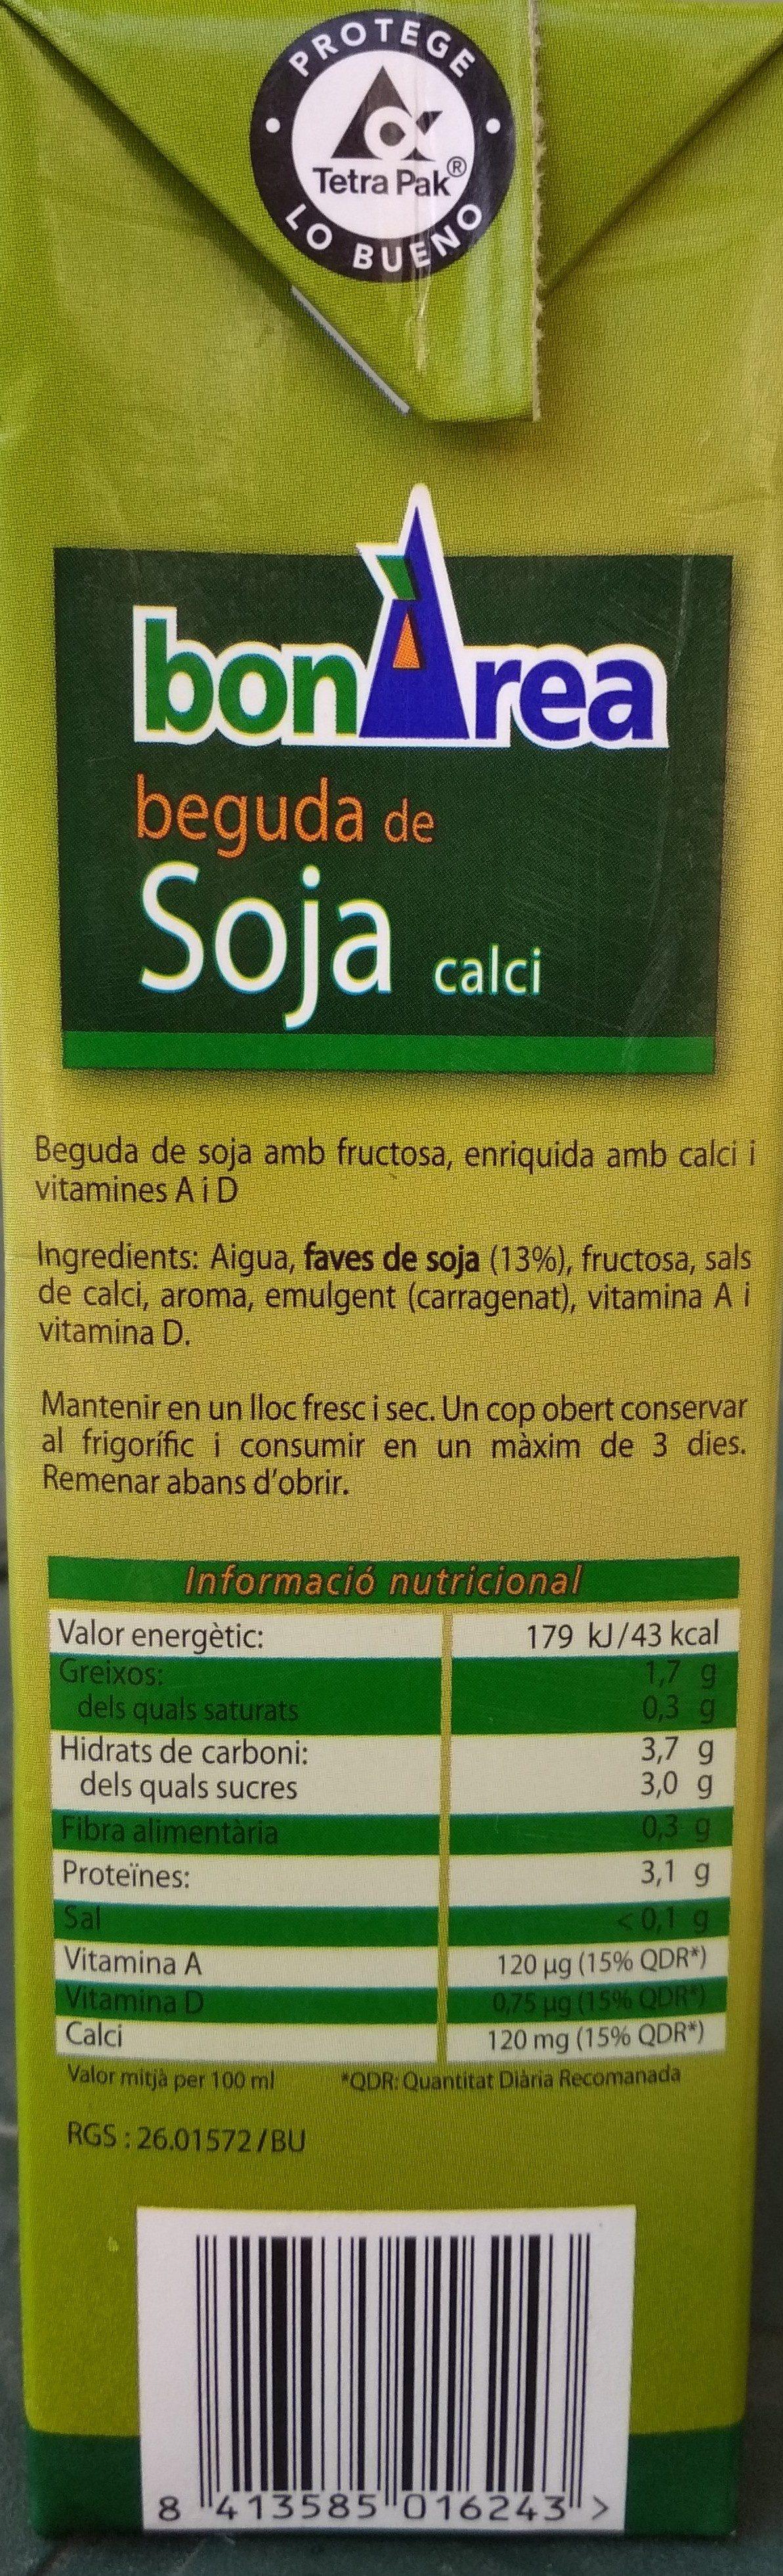 Bebida de soja con Calcio BonÀrea - Ingredientes